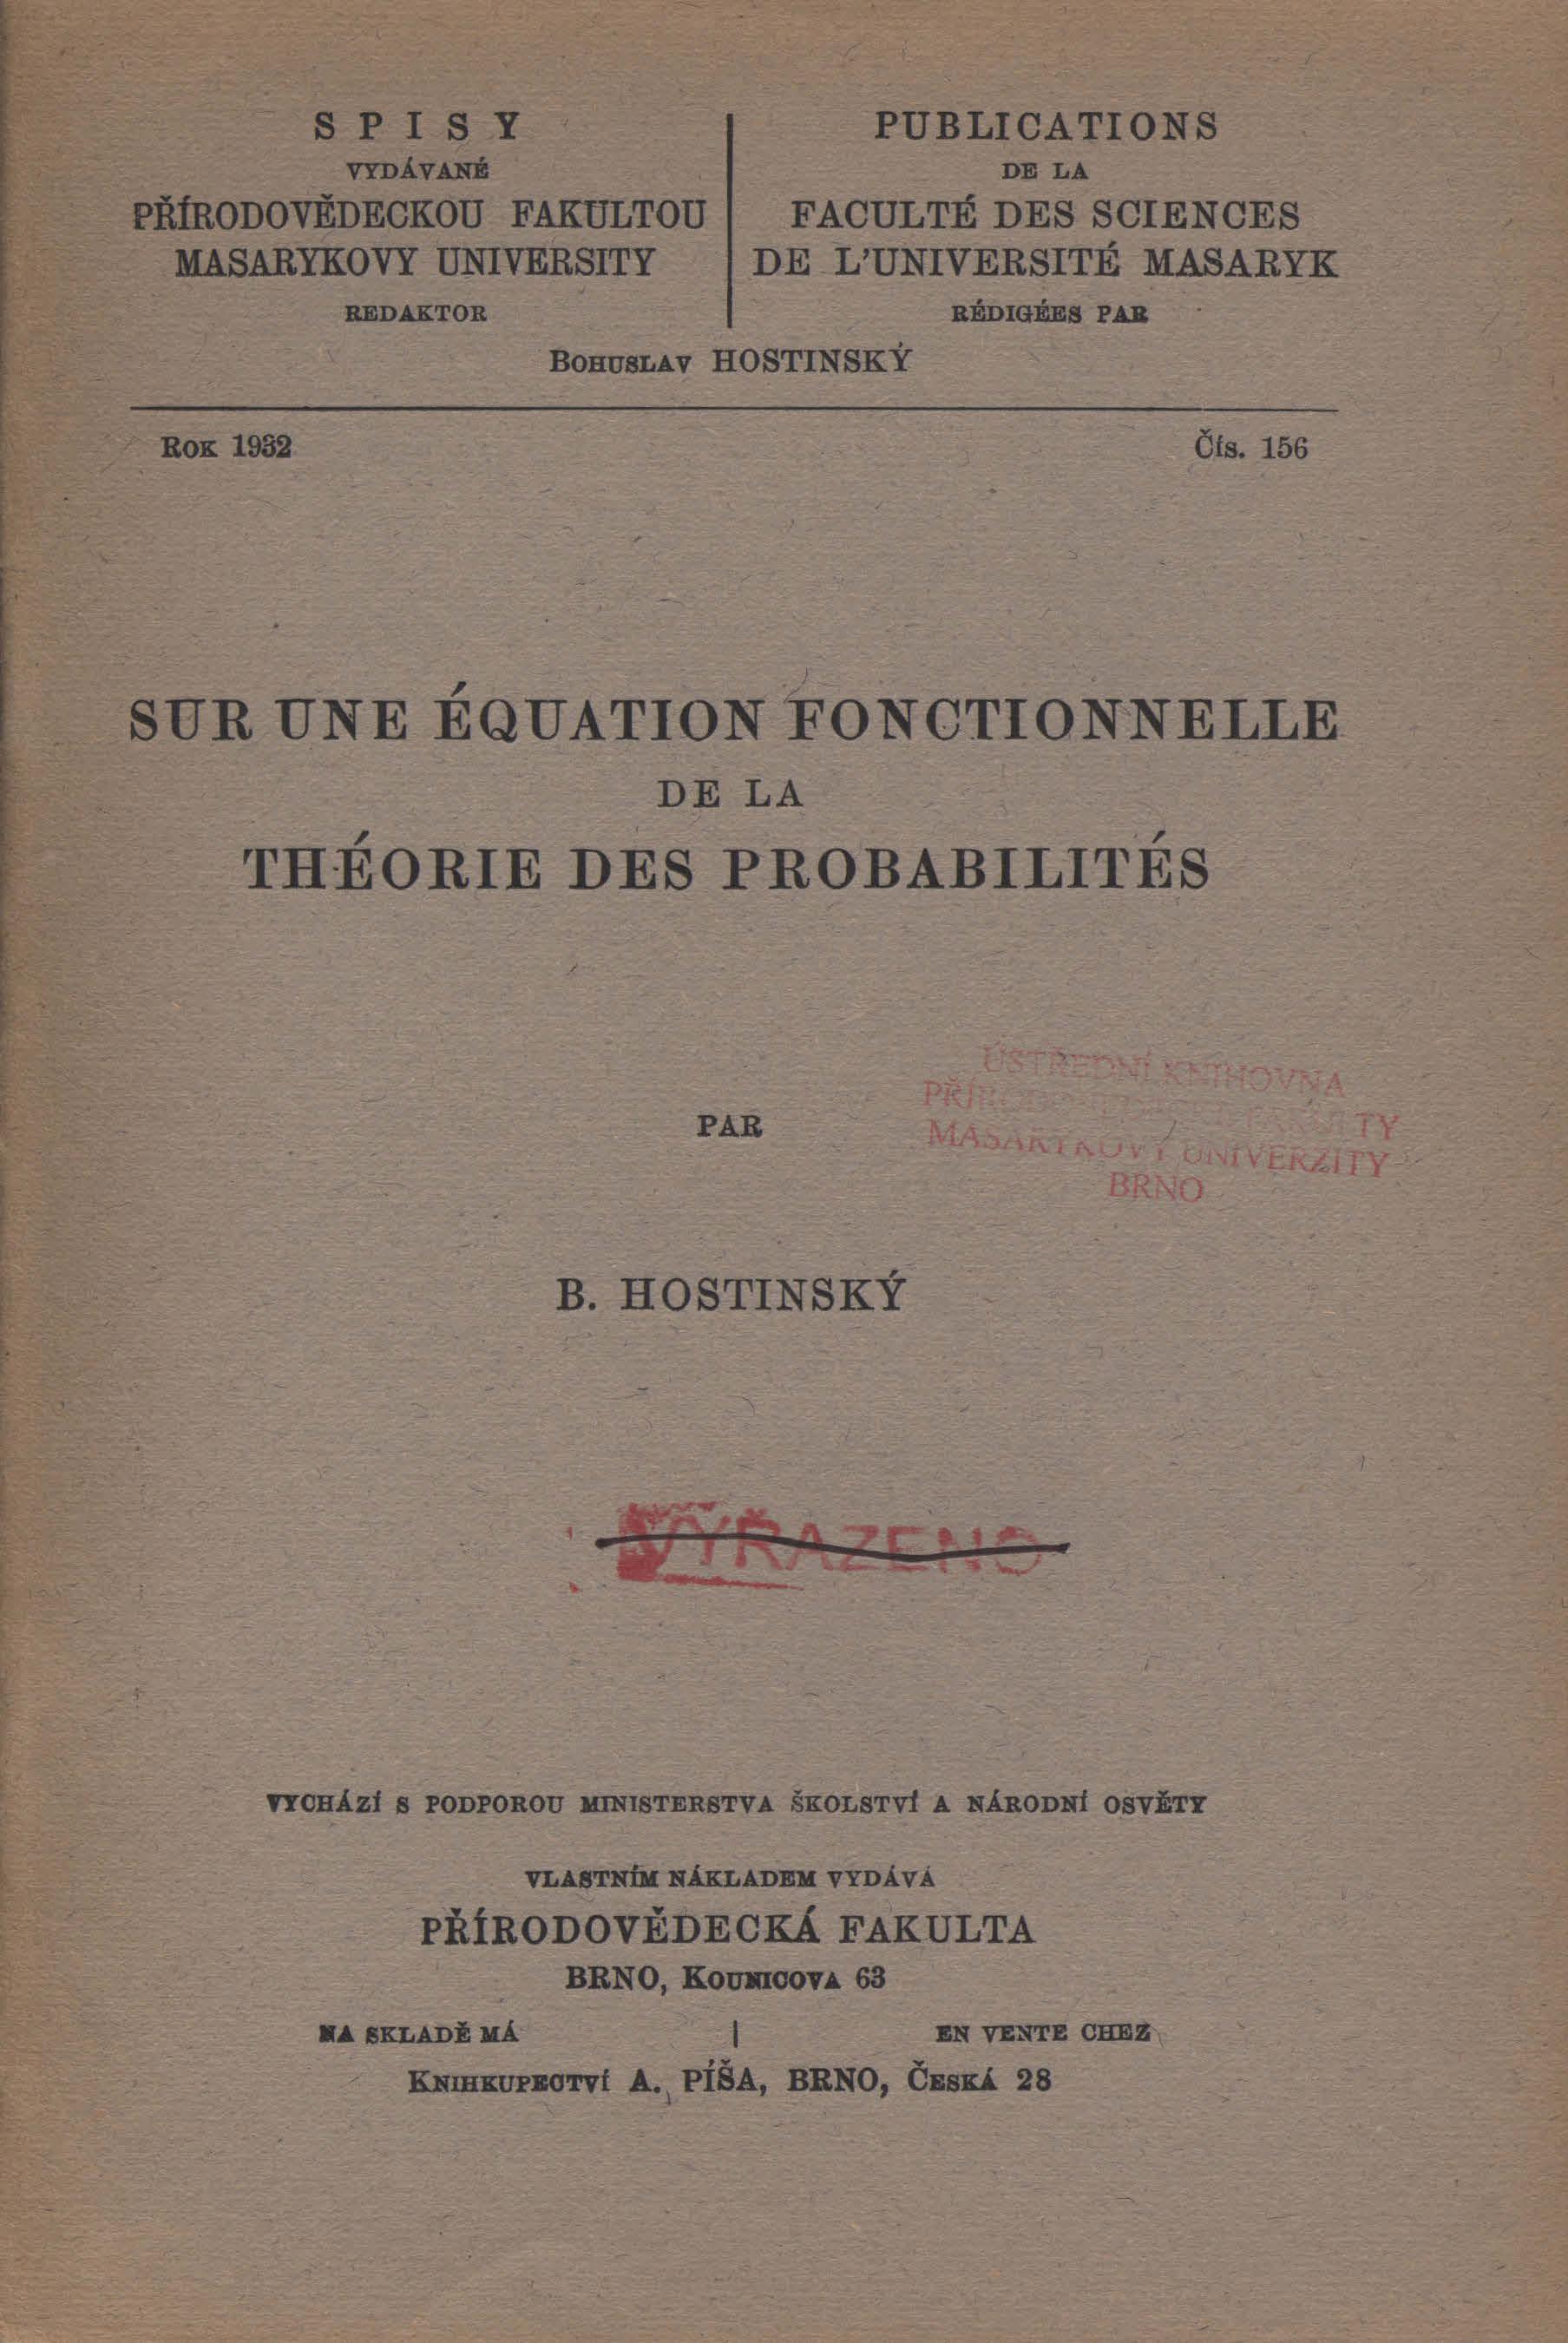 Obálka pro Sur une équation fonctionnelle de la théorie des probabilités